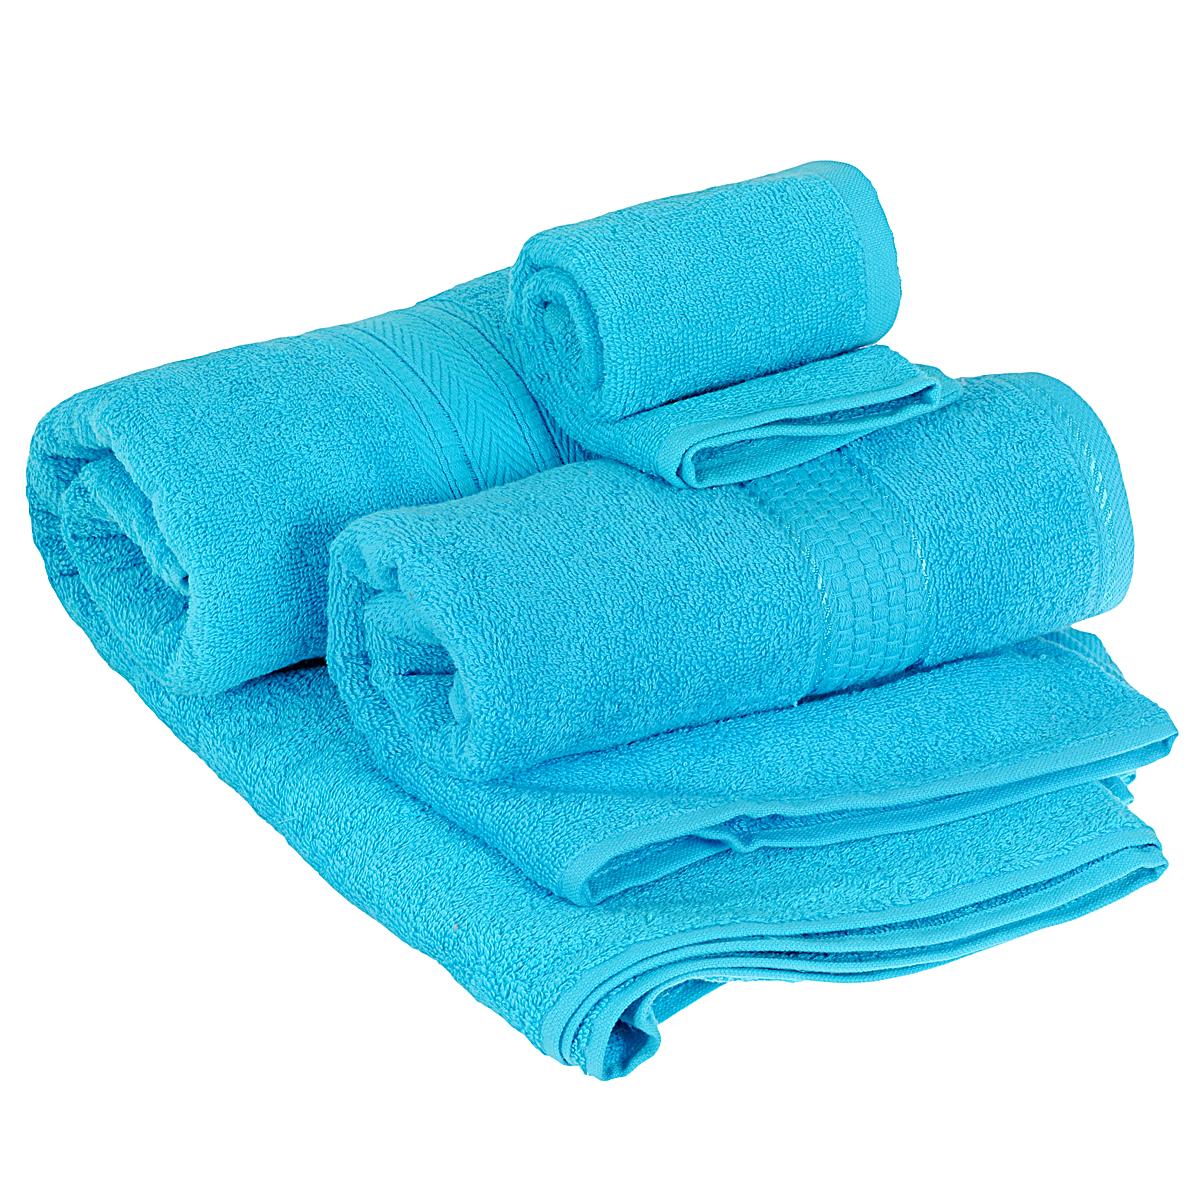 Набор махровых полотенец Osborn Textile, цвет: бирюзовый, 3 штУзТ-КМП-08-07Набор Osborn Textile состоит из трех полотенец разного размера, выполненных из натурального хлопка. Такие полотенца отлично впитывают влагу, быстро сохнут, сохраняют яркость цвета и не теряют формы даже после многократных стирок. Полотенца очень практичны и неприхотливы в уходе. Размер полотенец: 40 см х 40 см; 50 см х 90 см; 70 см х 140 см. Плотность: 450 г/м2.